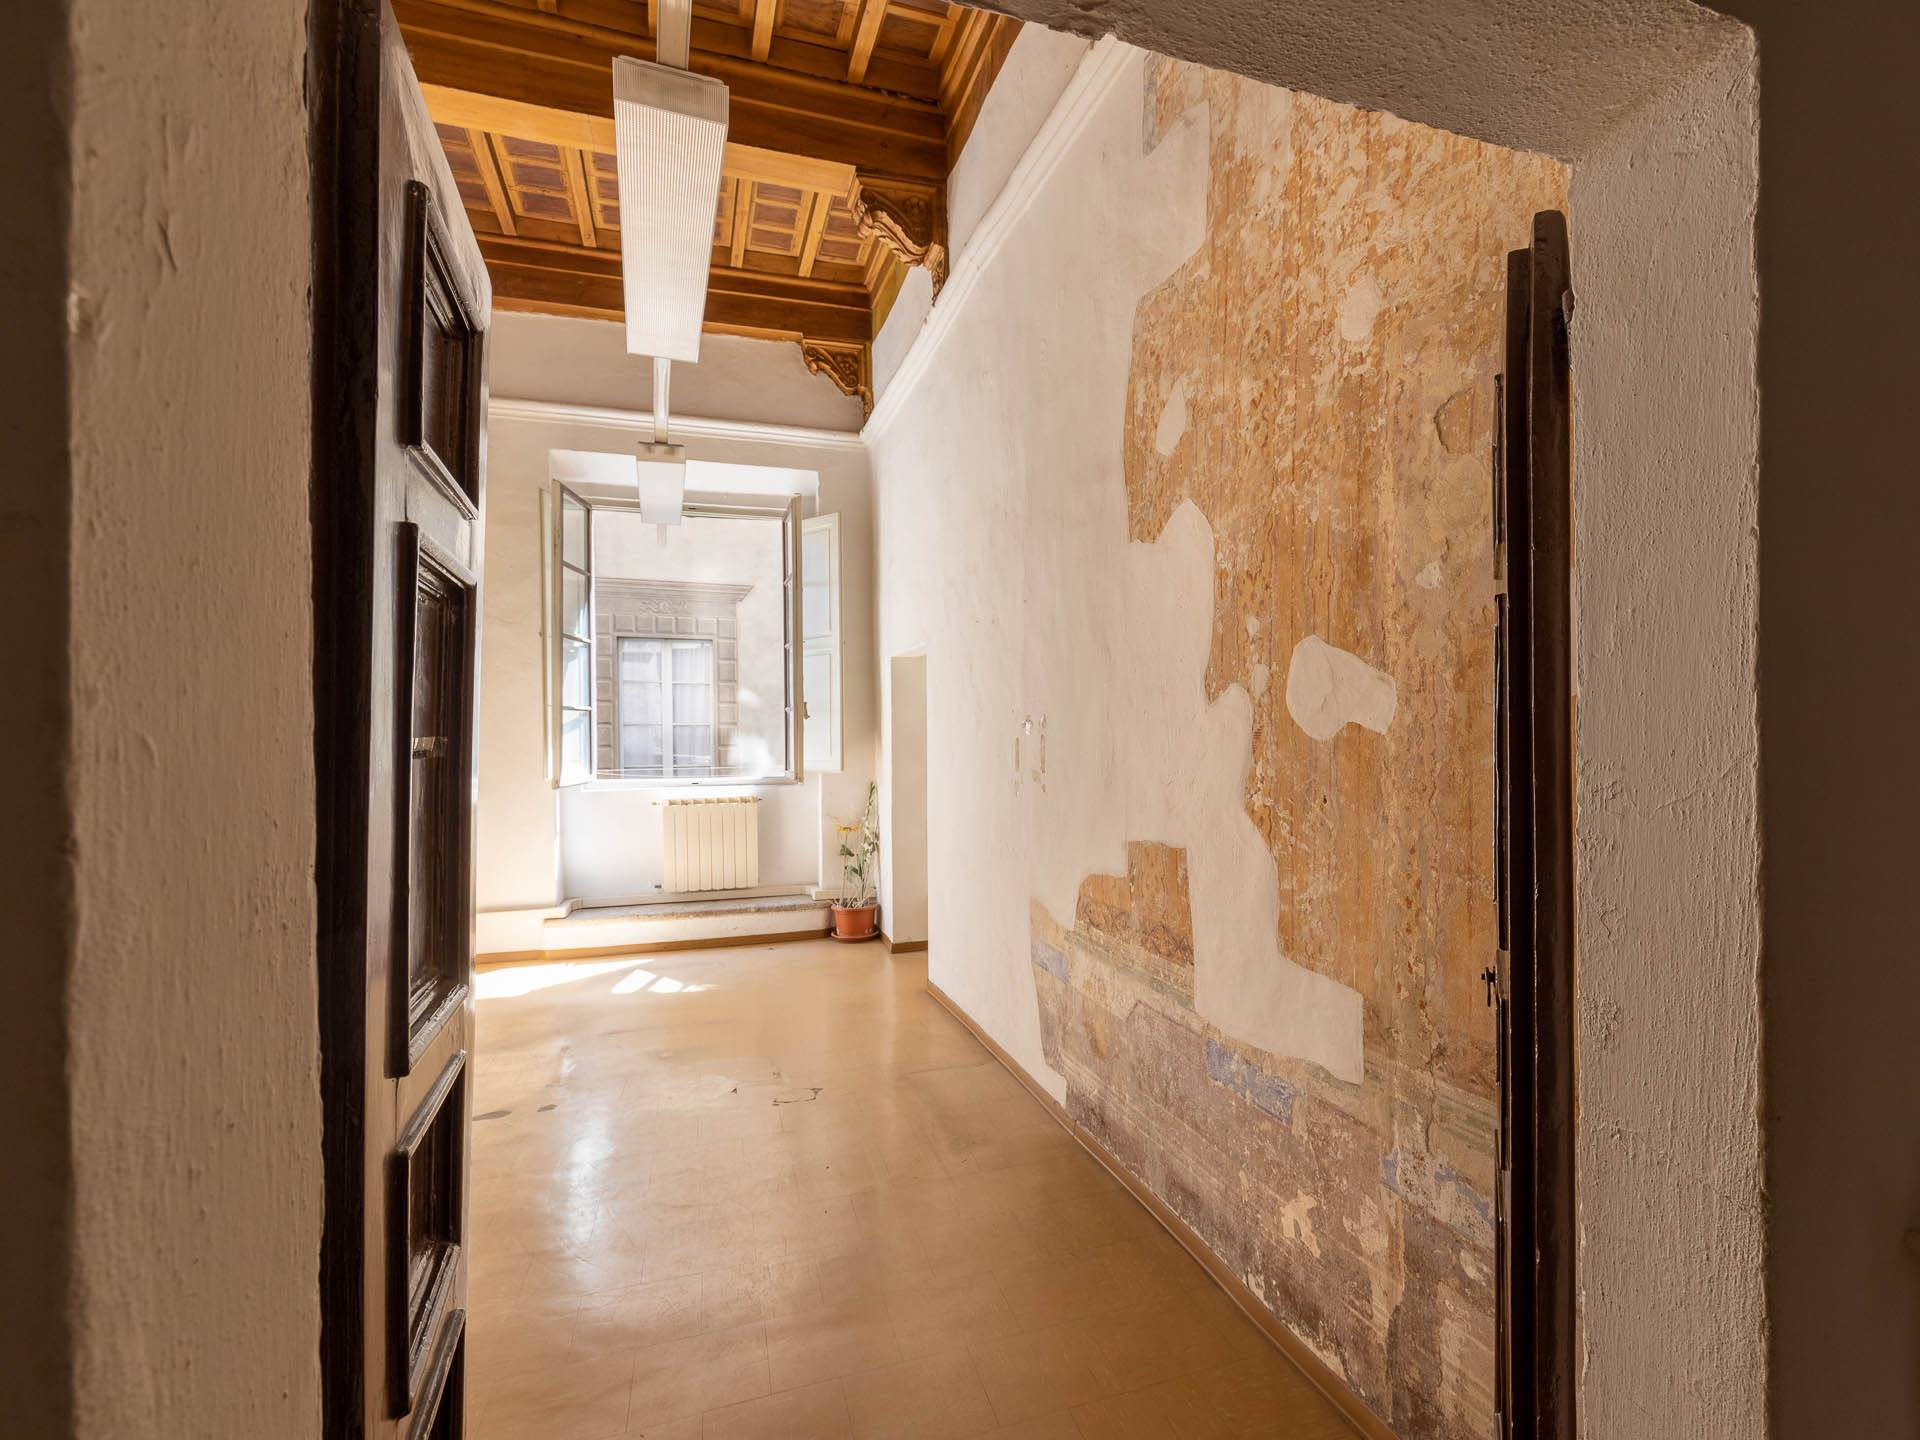 Meraviglioso appartamento con ampi spazi e soffitti alti, nel centro storico di Siena, con ingresso esclusivo da un'elegante corte, attualmente con